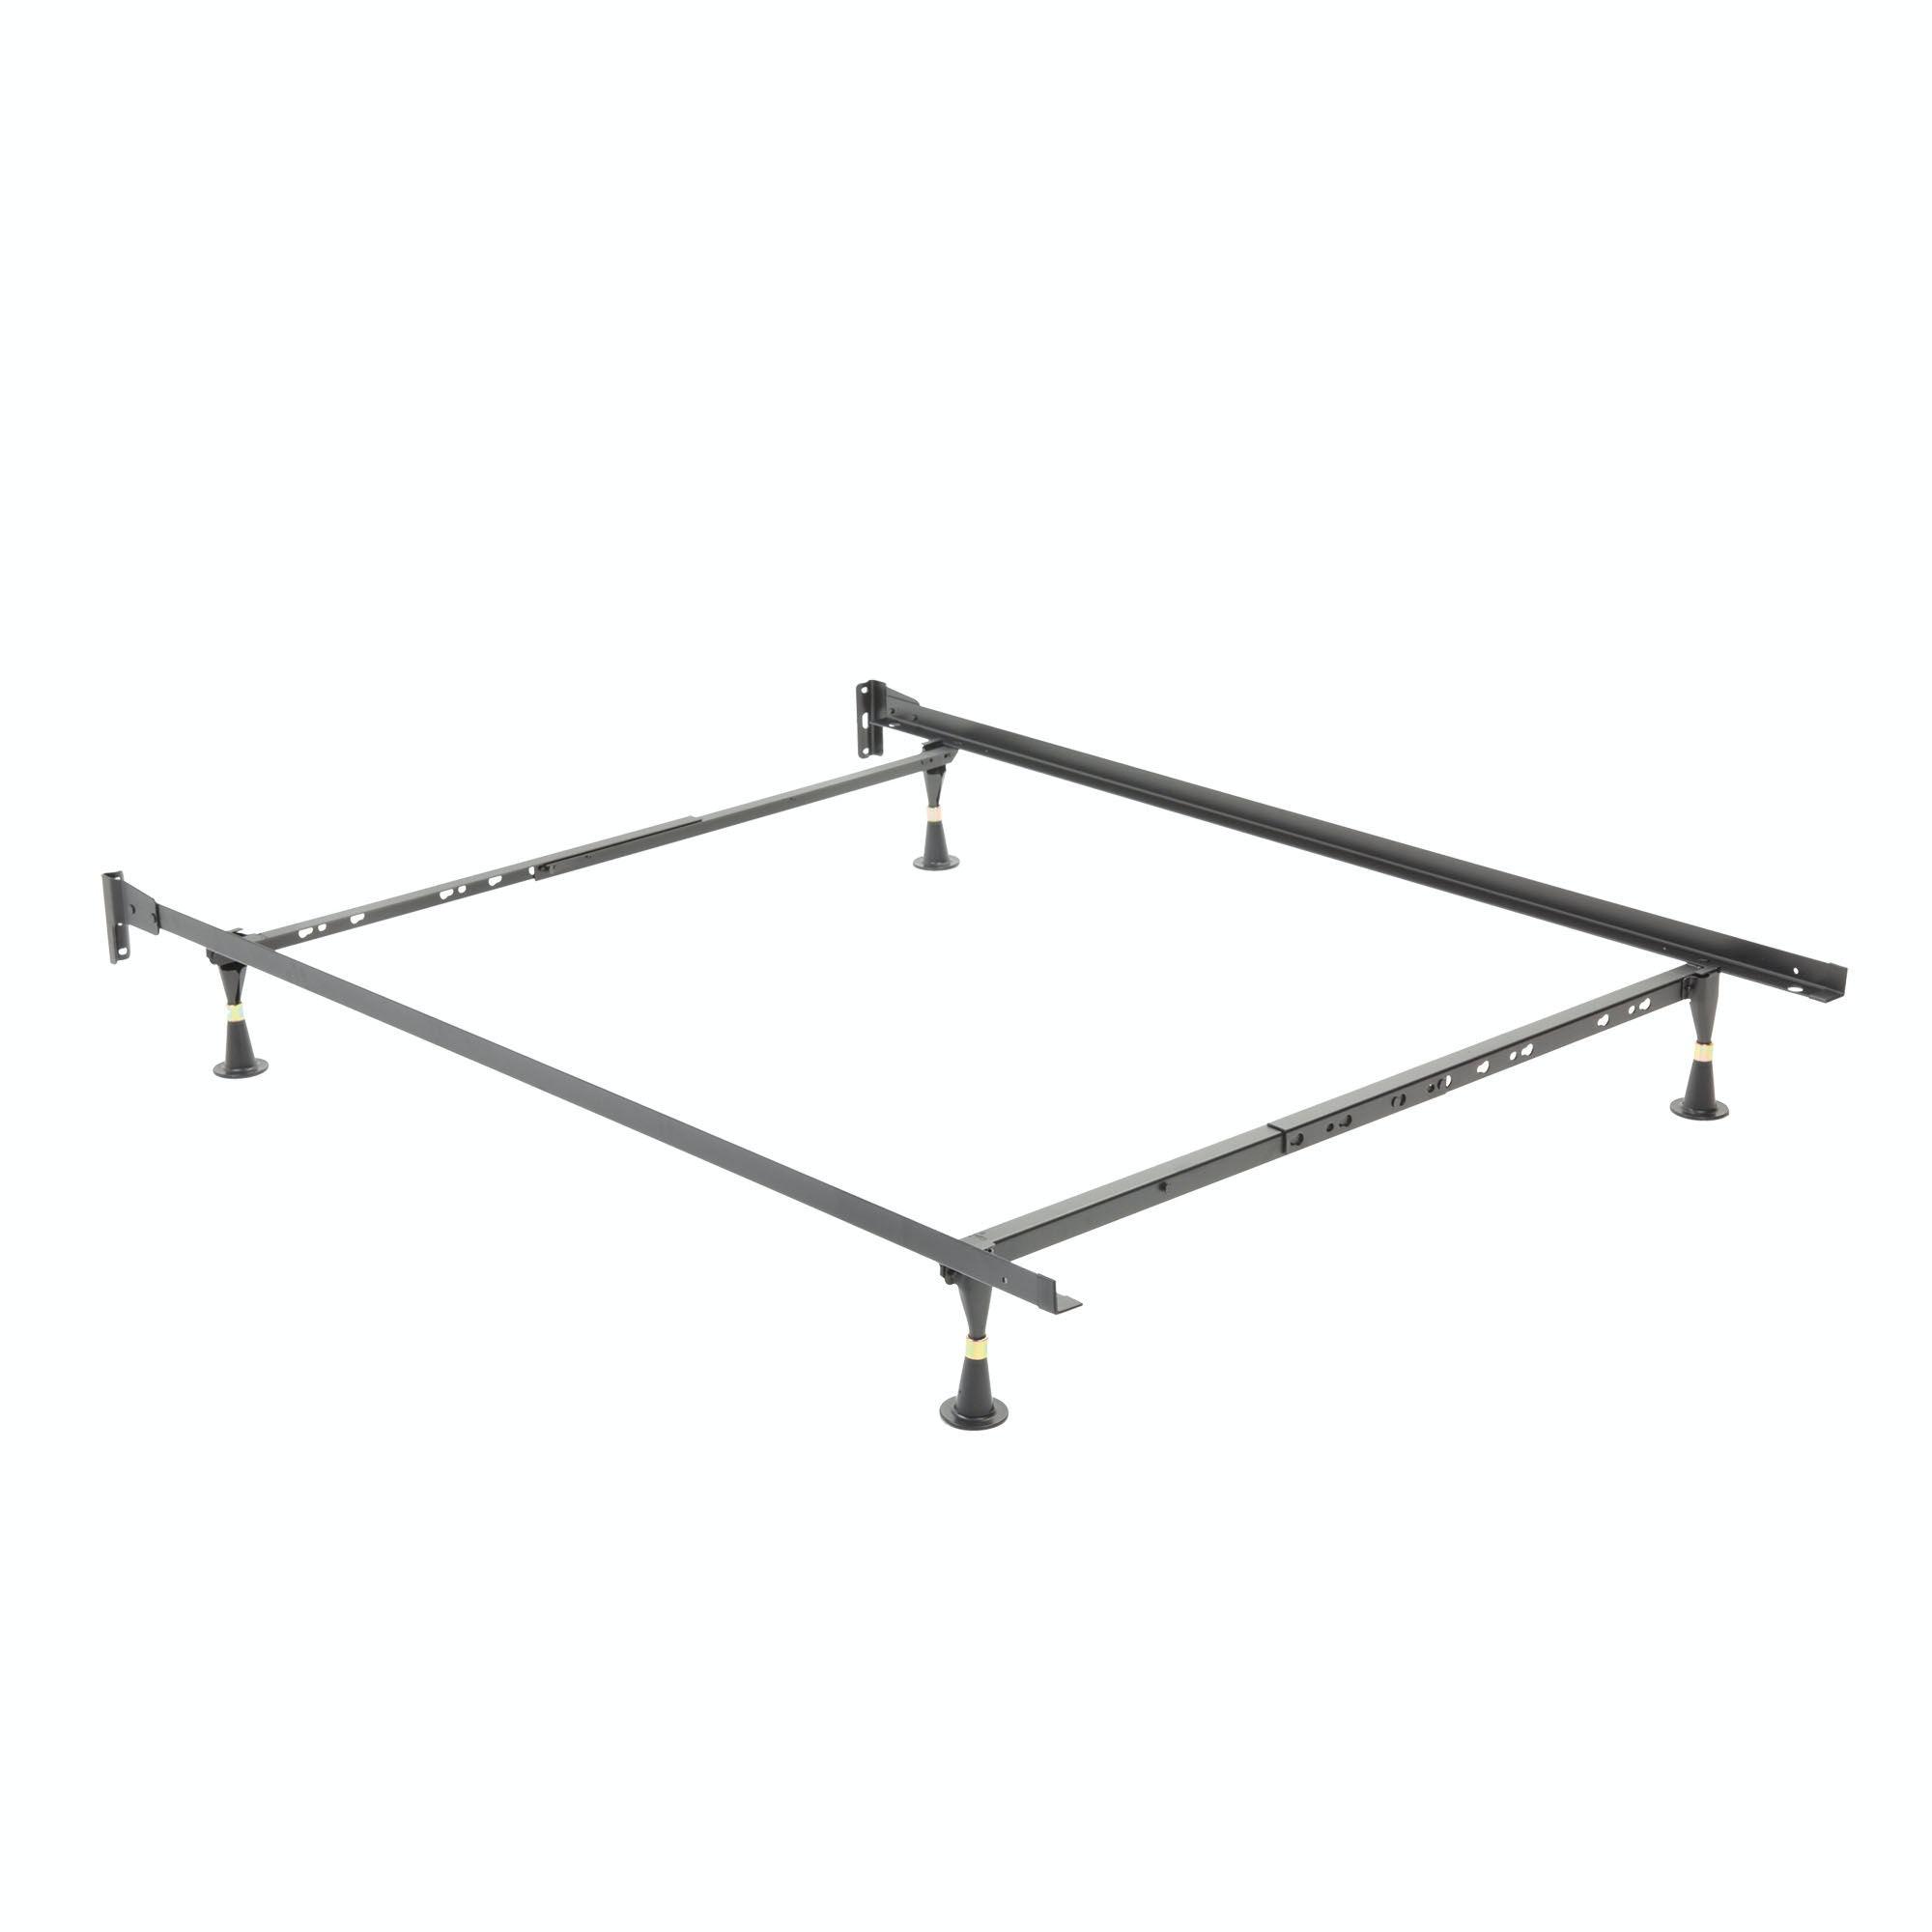 Leggett & Platt Mattresses Adjustable Bed Frame 634 with